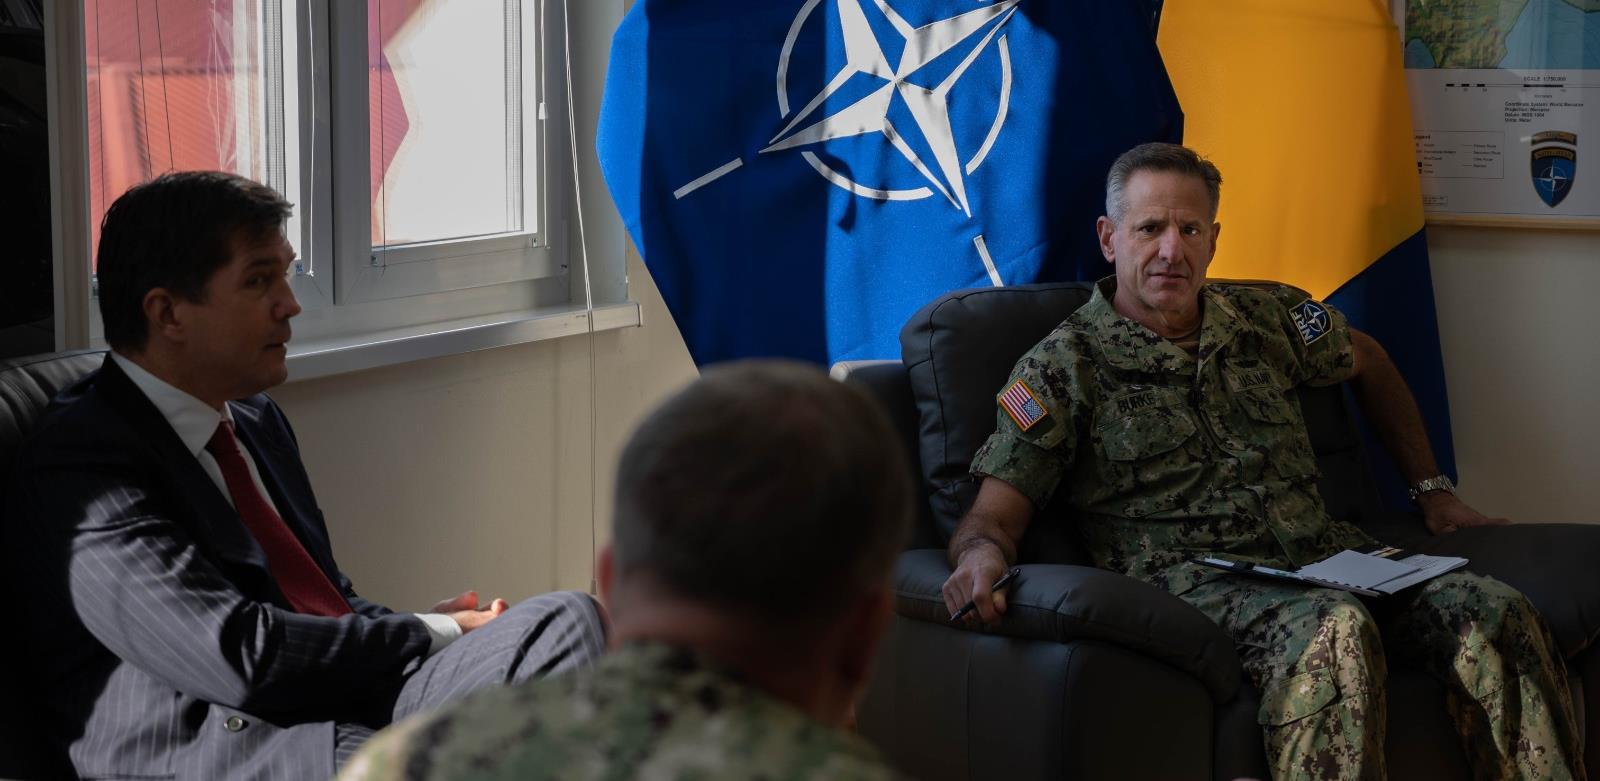 Robert Burk NATO